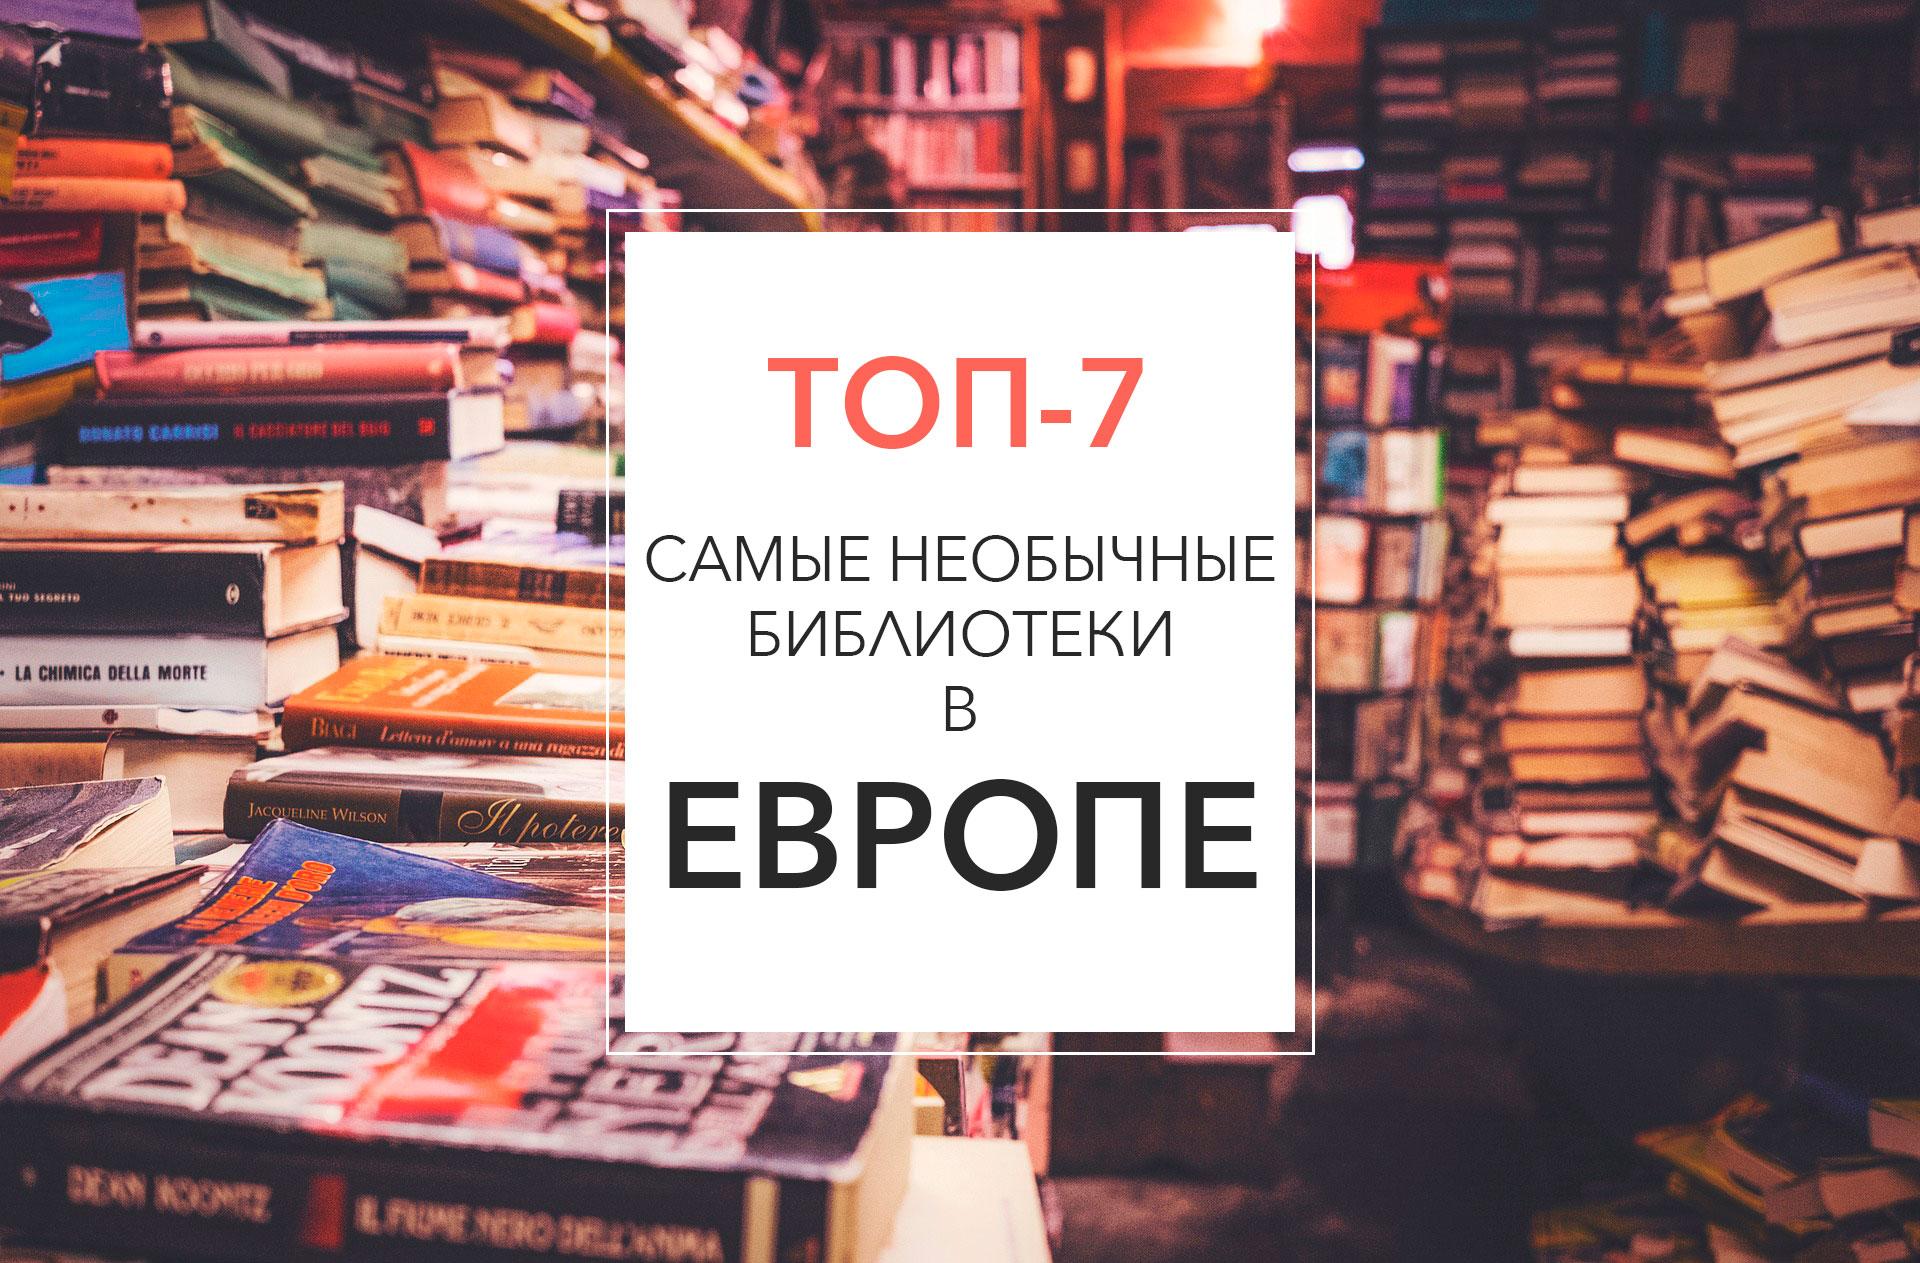 ТОП-7 самые необычные библиотеки в Европе